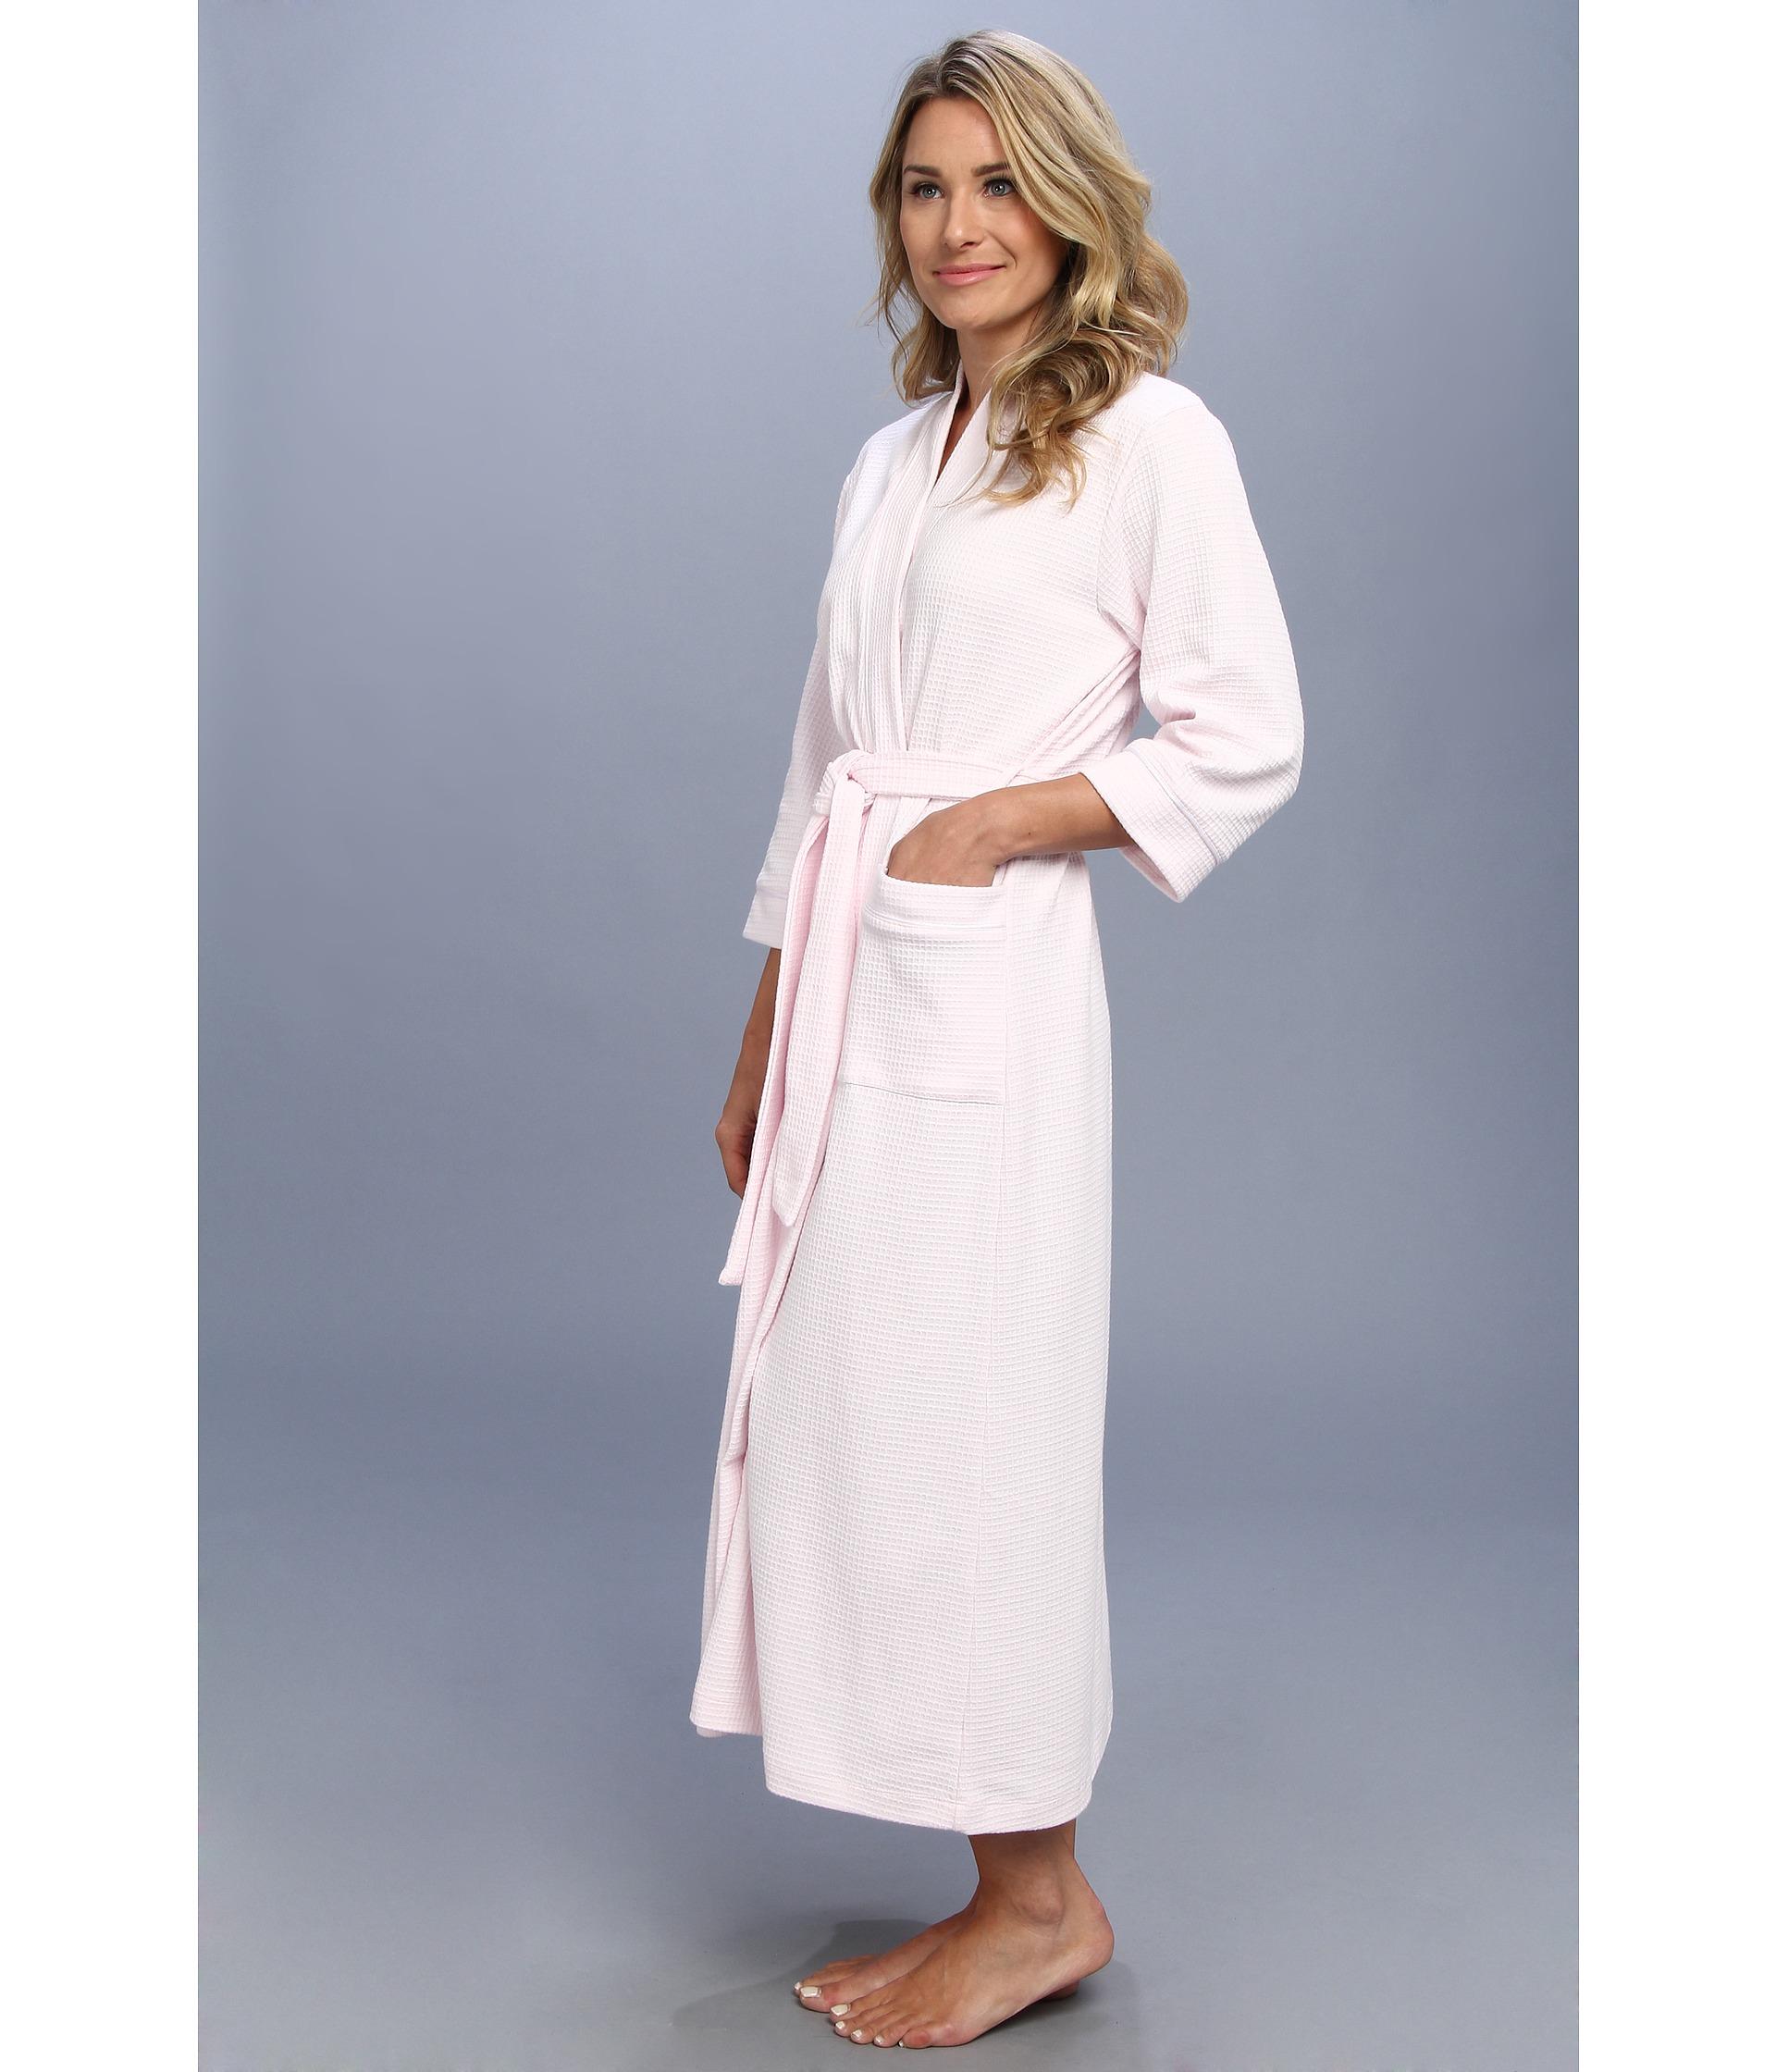 Lyst - Carole Hochman Long Waffle Robe in Pink